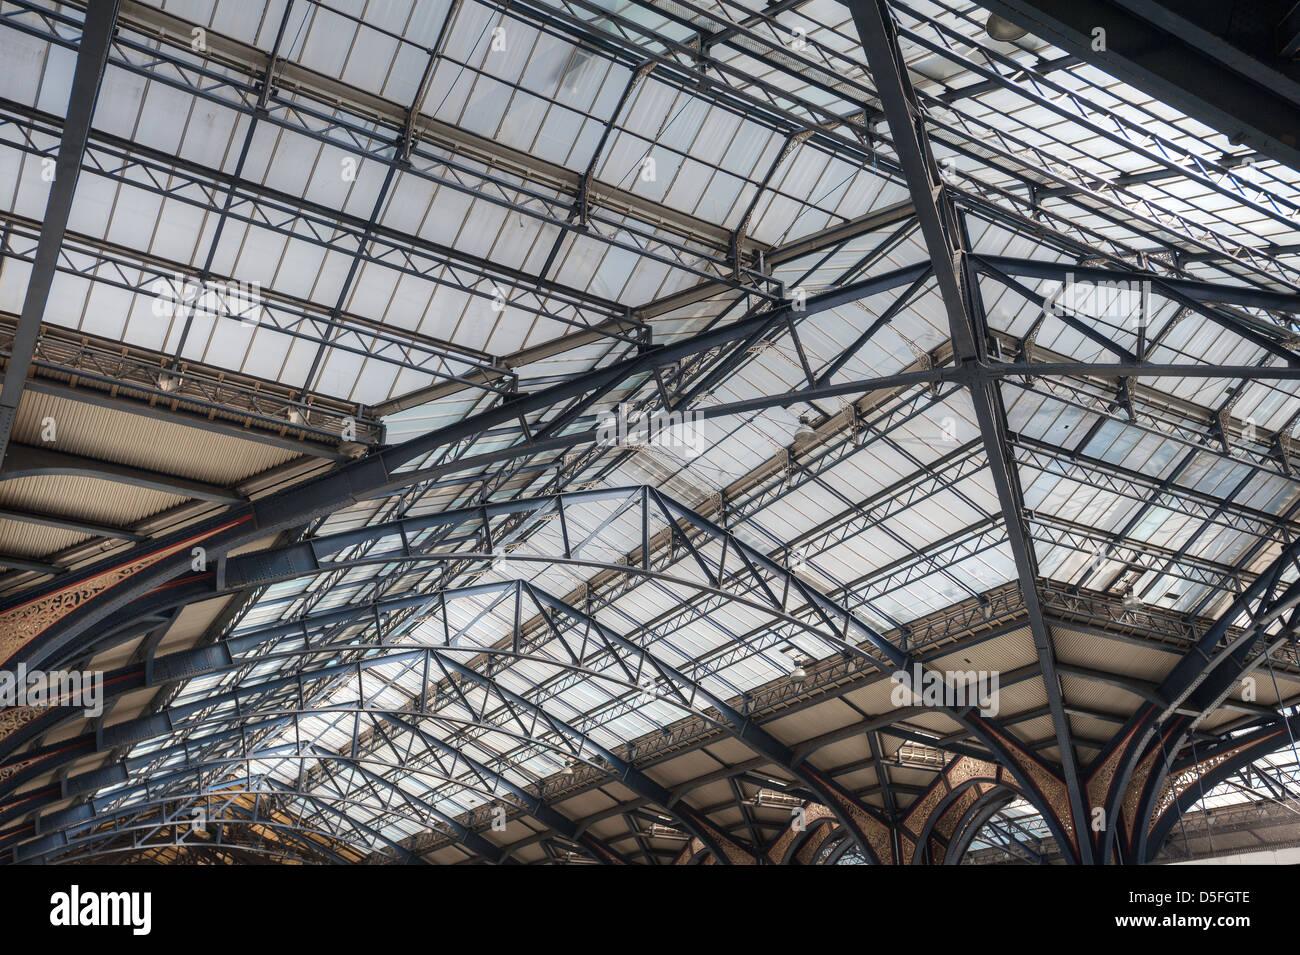 Intricato ghisa smaltata ingegneria Vittoriano e dettaglio del tetto a Liverpool street station con concourse sotto Immagini Stock